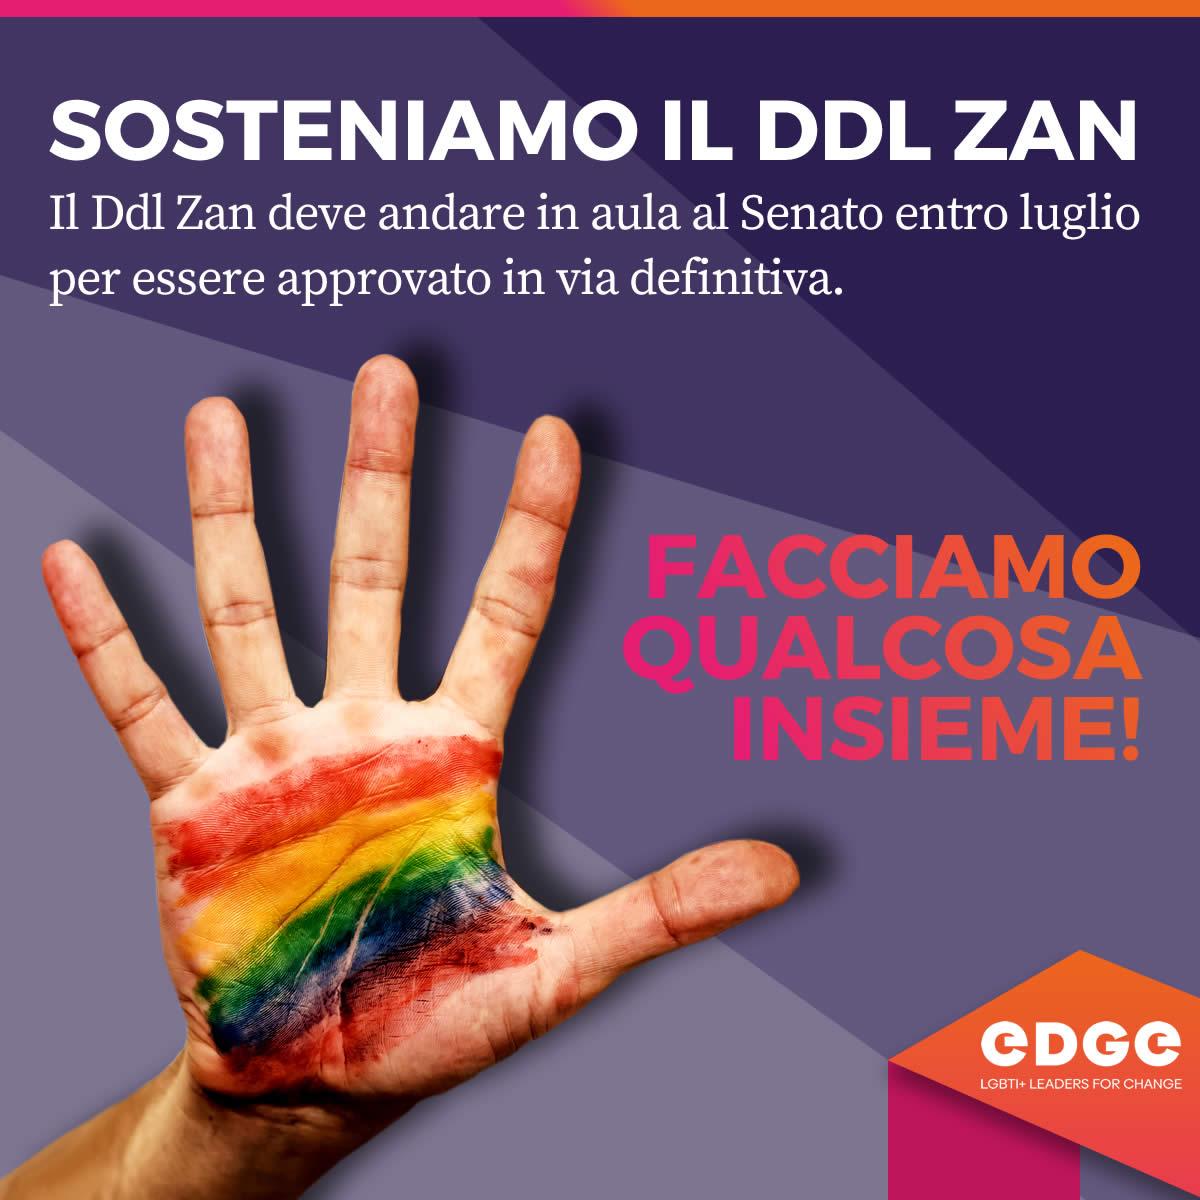 Sosteniamo il DDL ZAN | EDGE LGBTI+Leaders for change